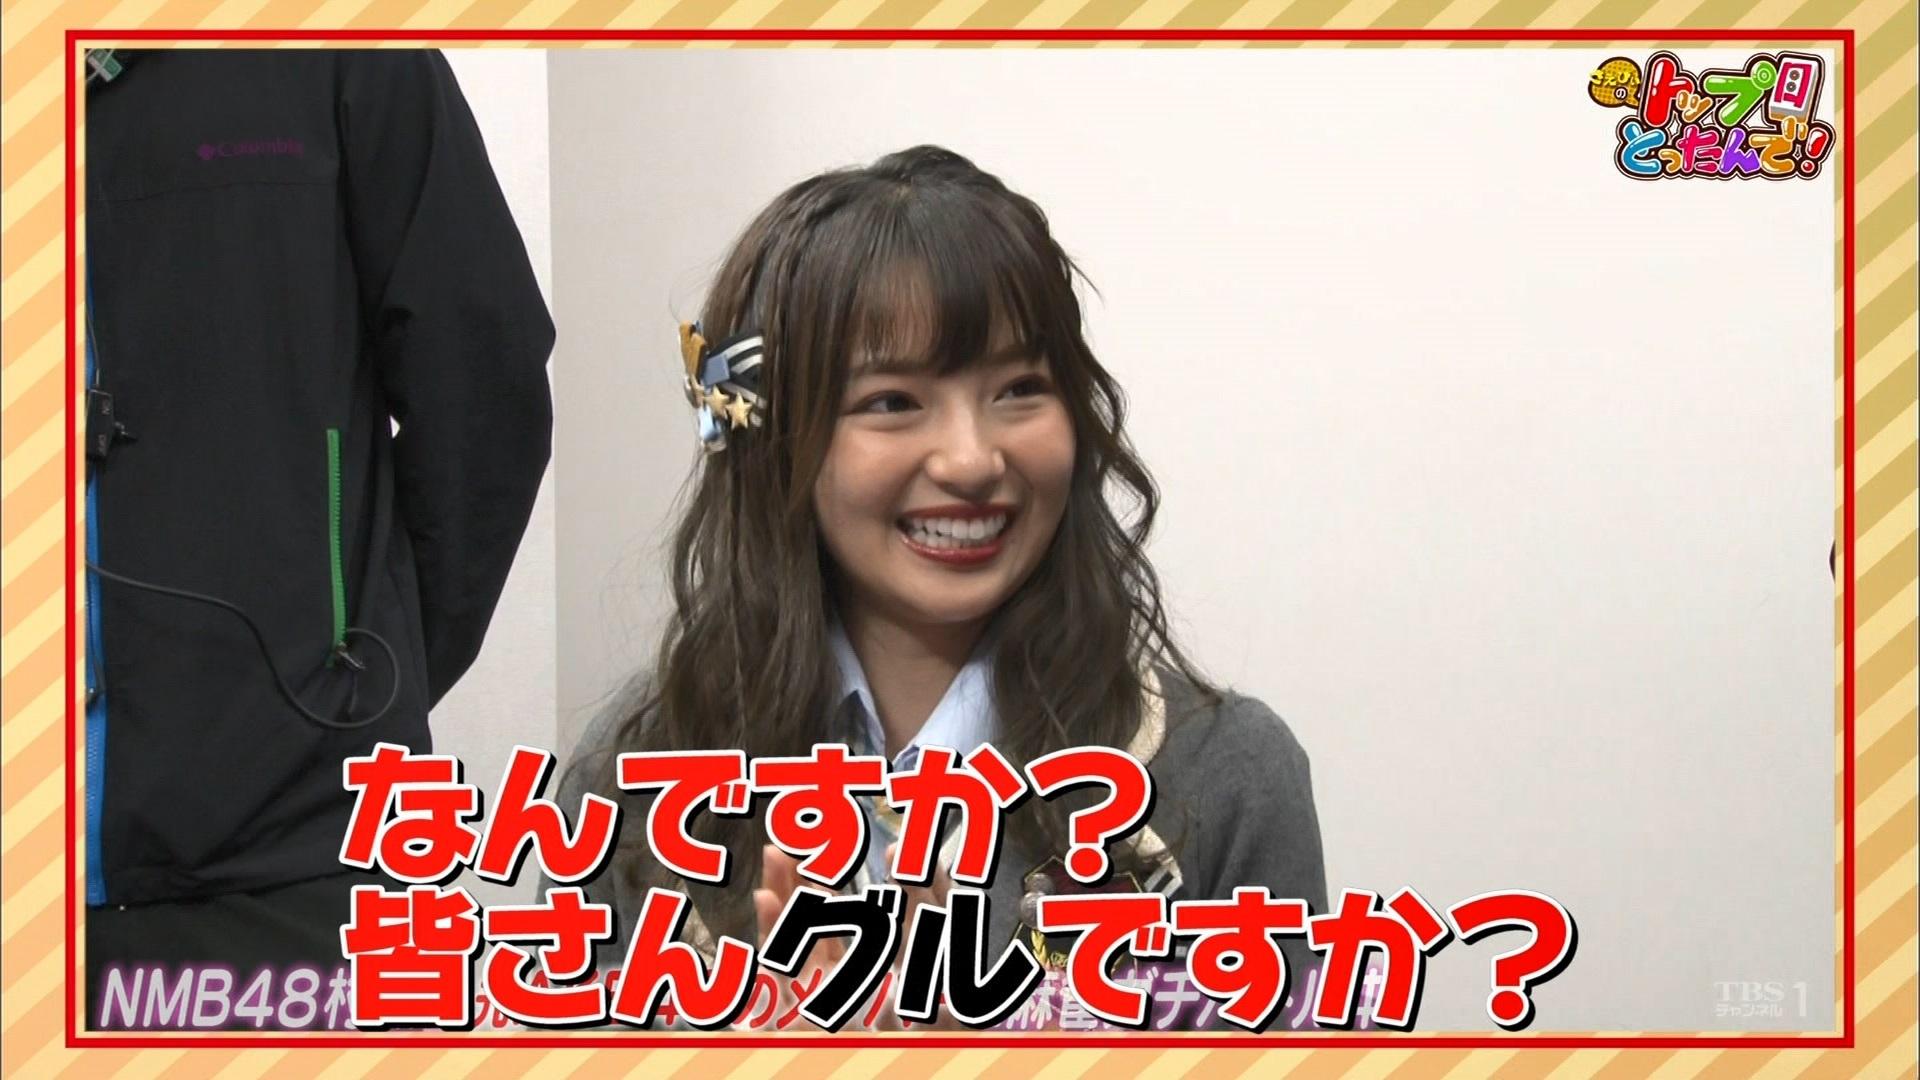 【村瀬紗英/三田麻央/谷川愛梨】さえぴぃのトップ目とったんで!AKB48卒業生大集合スペシャルキャプ画像。